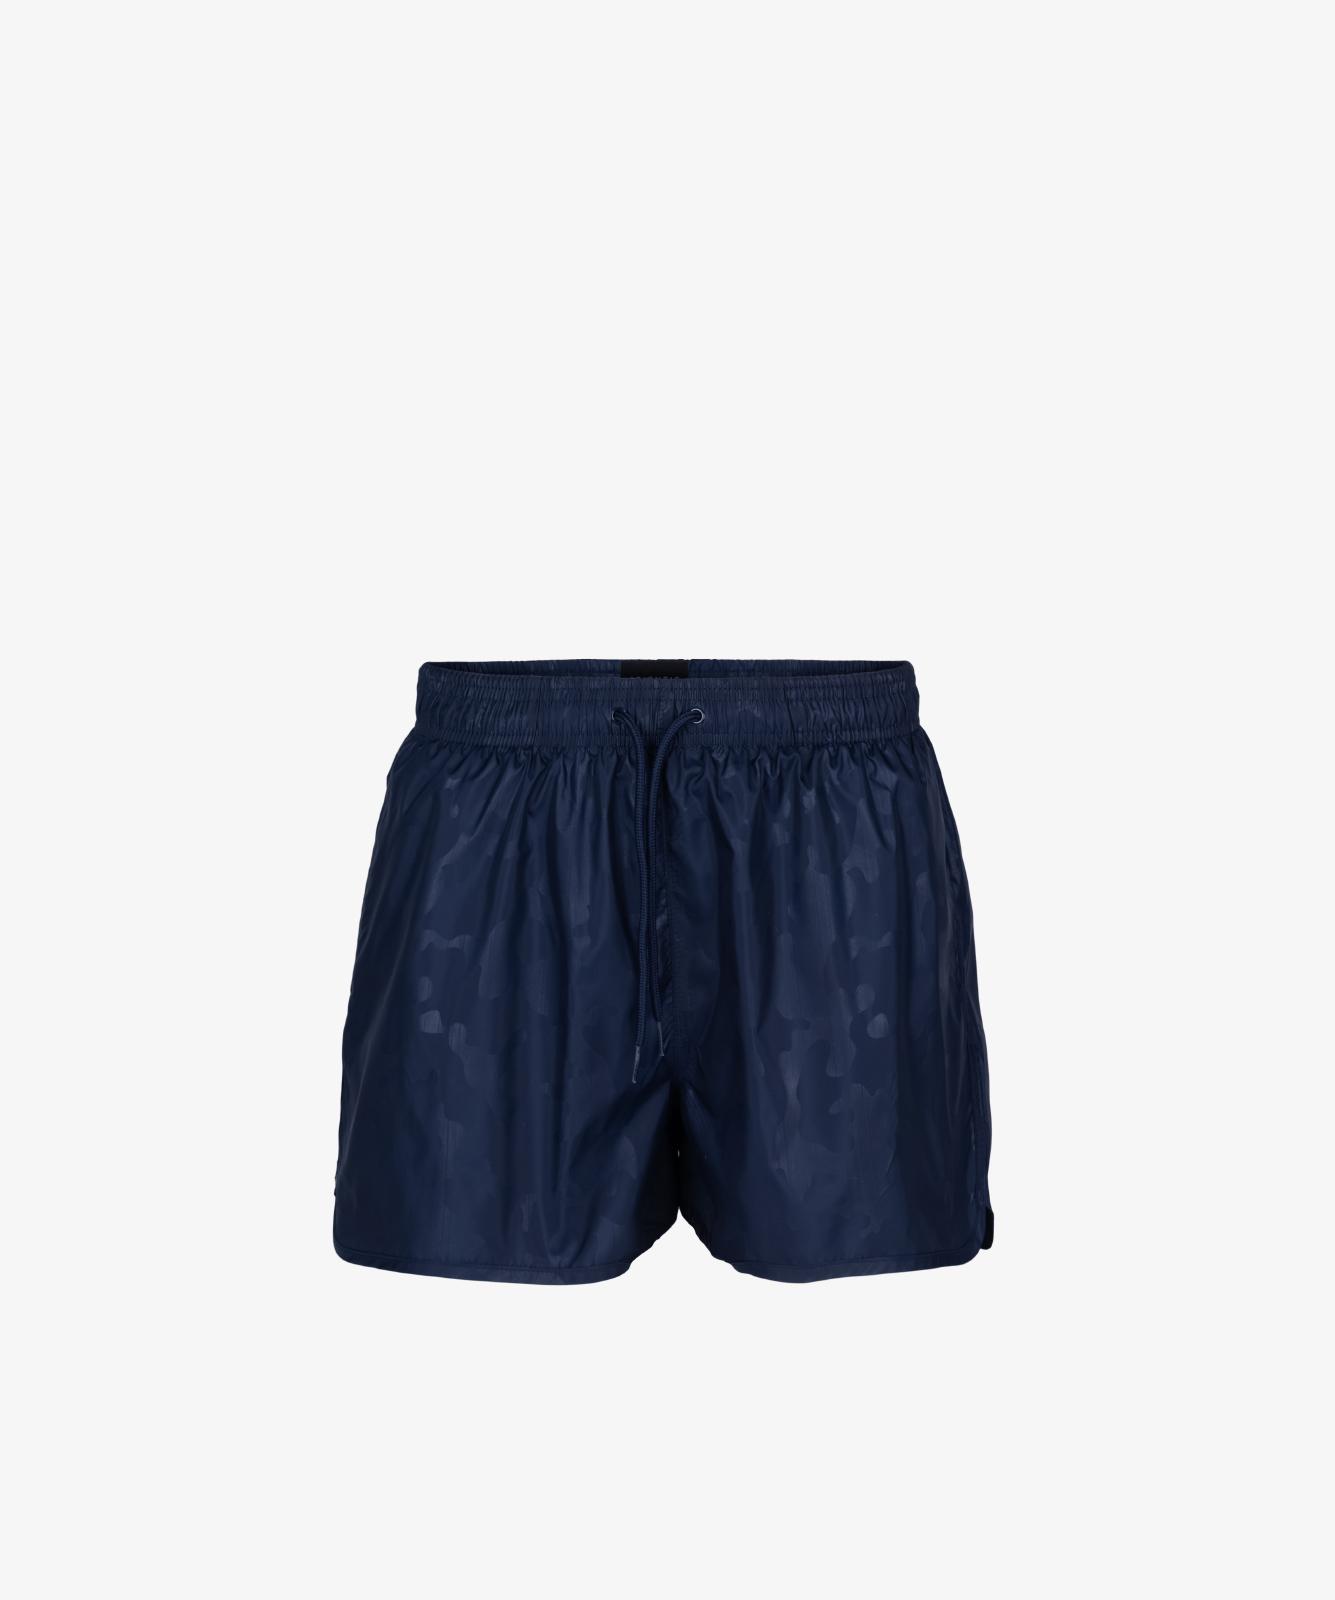 Пляжные шорты мужские Atlantic, 1 шт. в уп., полиэстер, темно-синие, KMB-198